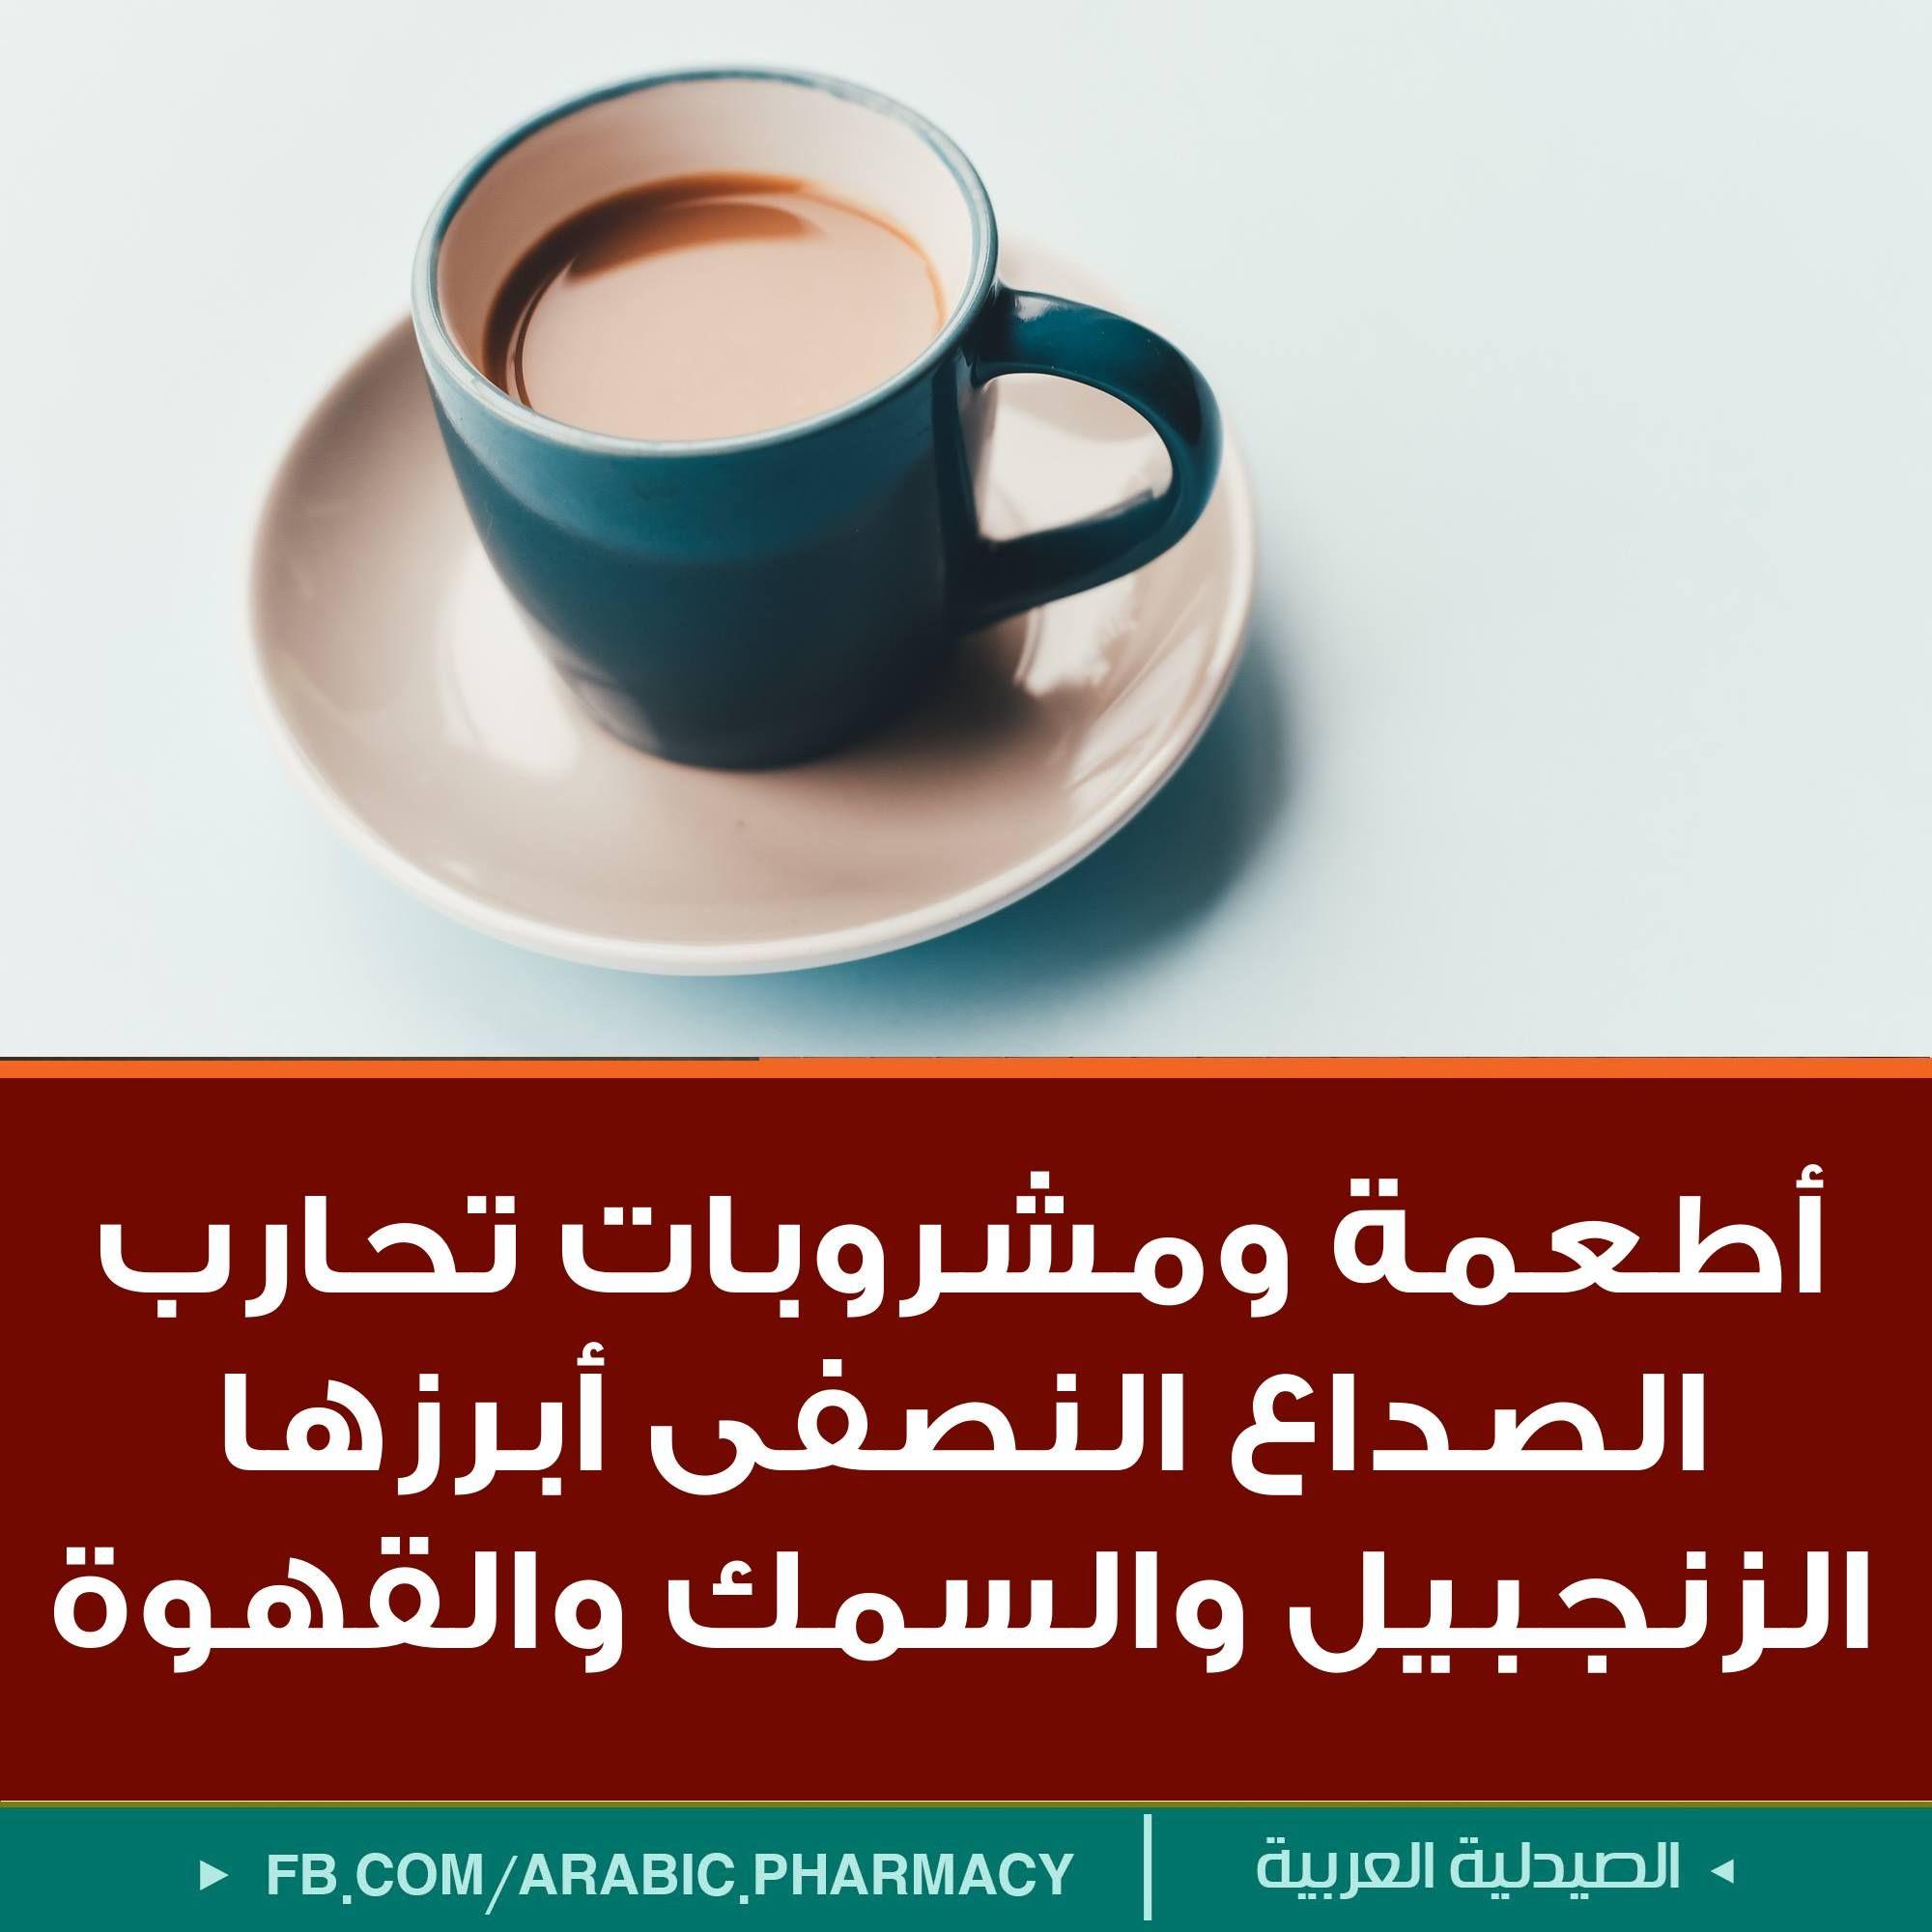 الزنجبيل و السمك و القهوة من الصيدلية العربية Http Www Qu Medical Com Pharmacy Pharmacy Glassware Medical